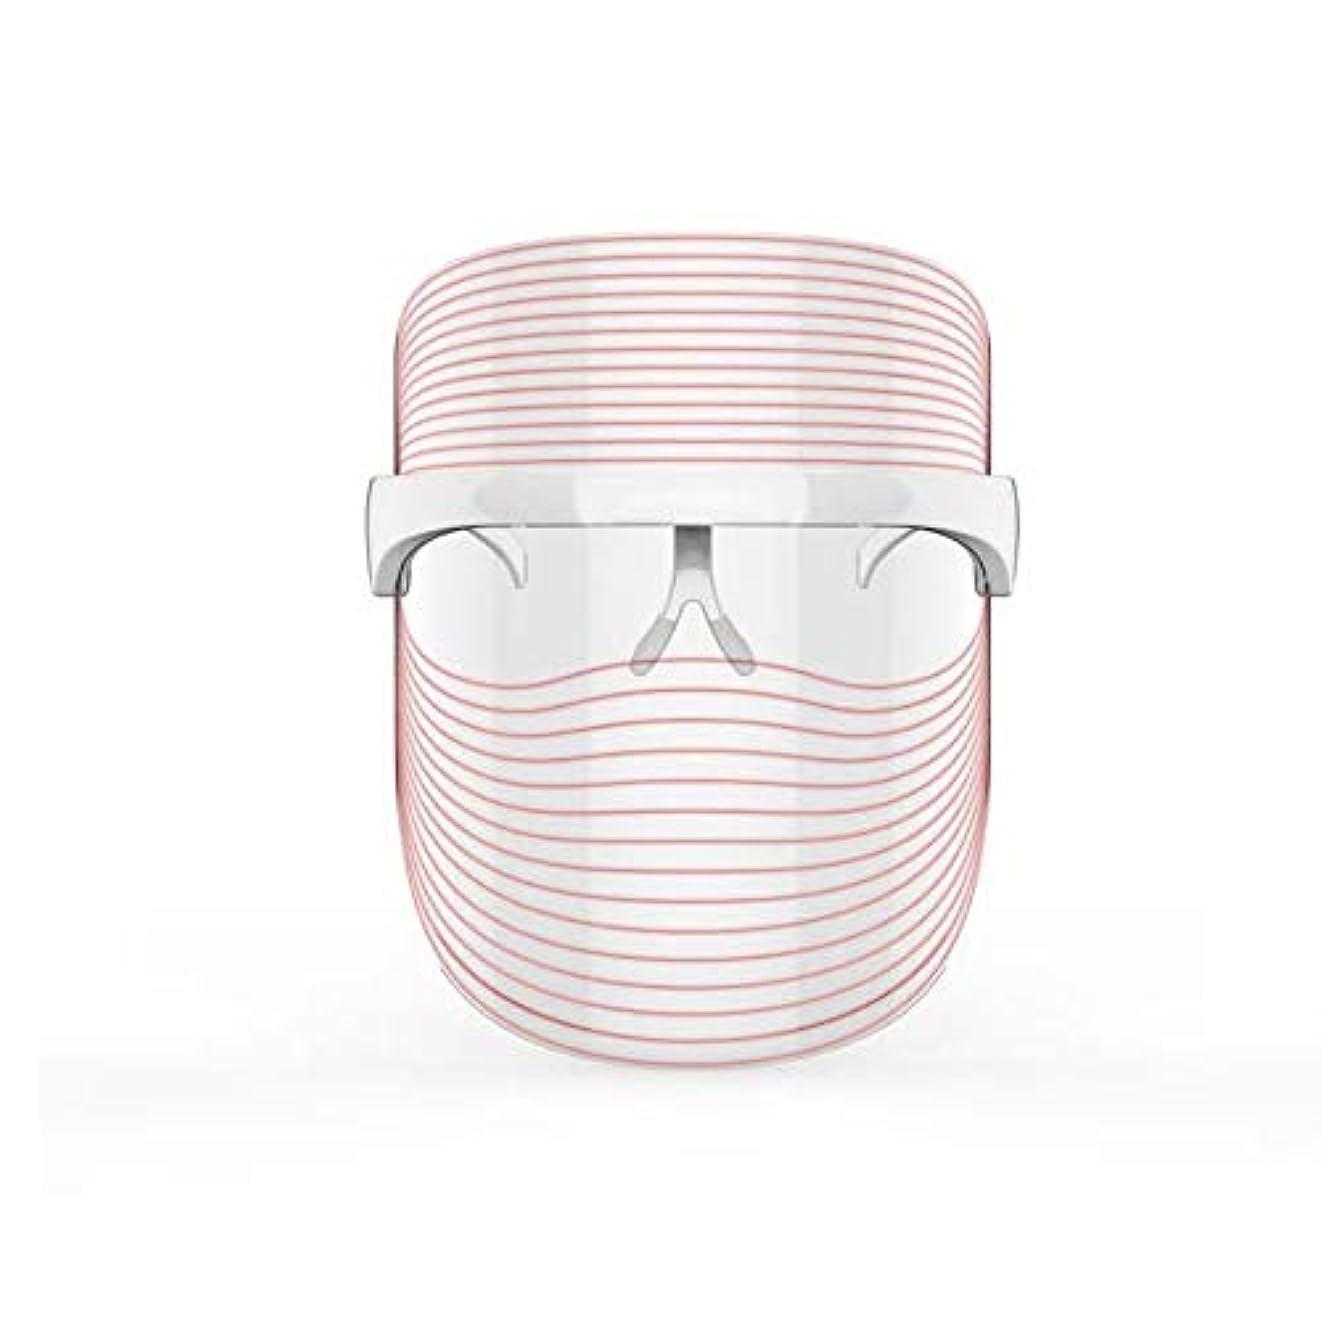 大使館ダム素子3色LEDマスクフェイス&ネックネオン白熱LEDフェイスマスク電動フェイシャルスキンケアフェイススキンビューティー